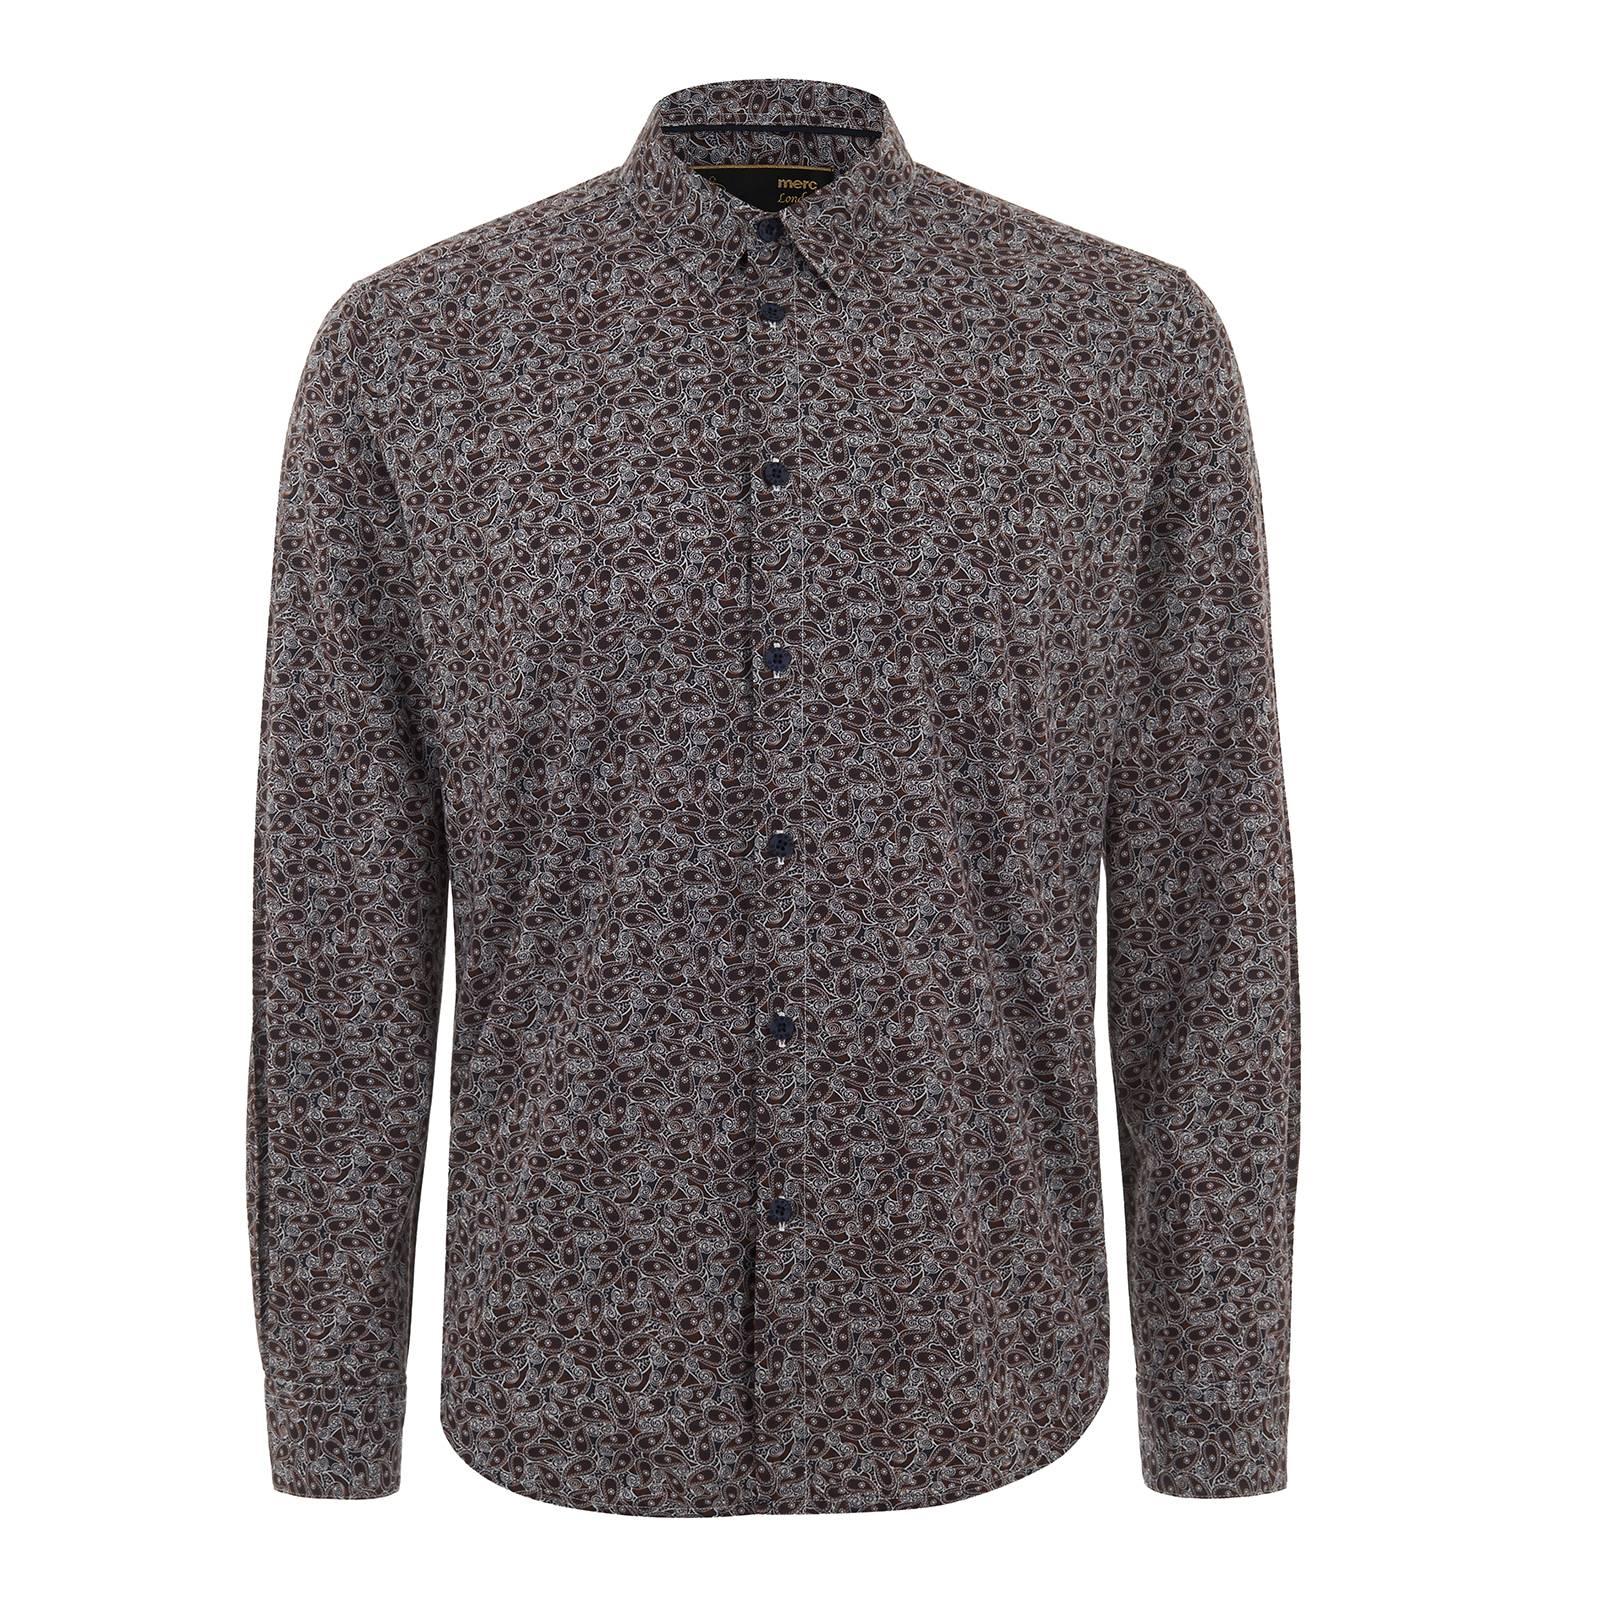 Рубашка TravisС длинным рукавом<br>Мужская рубашка покроя slim fit из высококачественной рубашечной ткани поплин с эффектным сплошным узором pasley – свежая интерпретация легендарного символа ретро моды, неизменно присутствующего в каждой коллекции бренда. Классическое цветовое решение пейсли орнамента придется по вкусу поклонникам аутентичного mod-look стиля. Эта нарядная рубашка будет отлично смотреться с серым или синим костюмом Tonic Suit вместе с обувью Челси или Дерби, а также с облегающим твидовым пиджаком, темным винтажным денимом и брогами – на модном или торжественном мероприятии. Кроме того, её можно носить и навыпуск с чиносами и лоферами. Удлиненная спинка позволяет с комфортом заправлять эту сорочку в брюки, в роли которых подойдут черные, синие или винные Sta-Prest.<br><br>Артикул: 1515205<br>Материал: 100% хлопок<br>Цвет: синий с красно-белым узором<br>Пол: Мужской